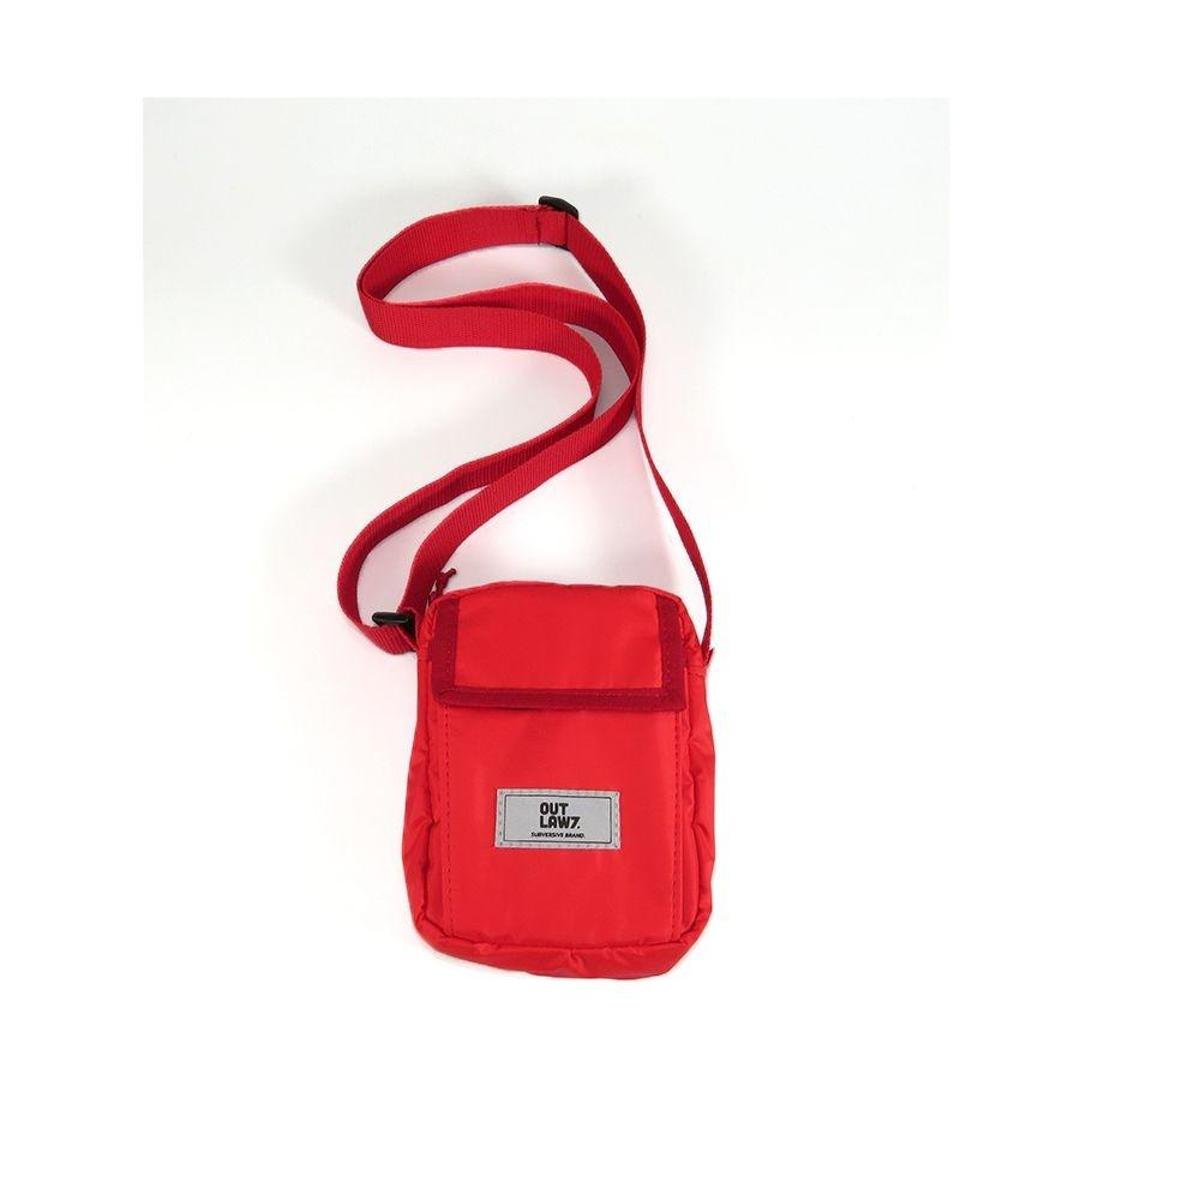 Mini Shouder Bag Impermeável Outlawz - Vermelho - Compre Agora  7d223a0baeb